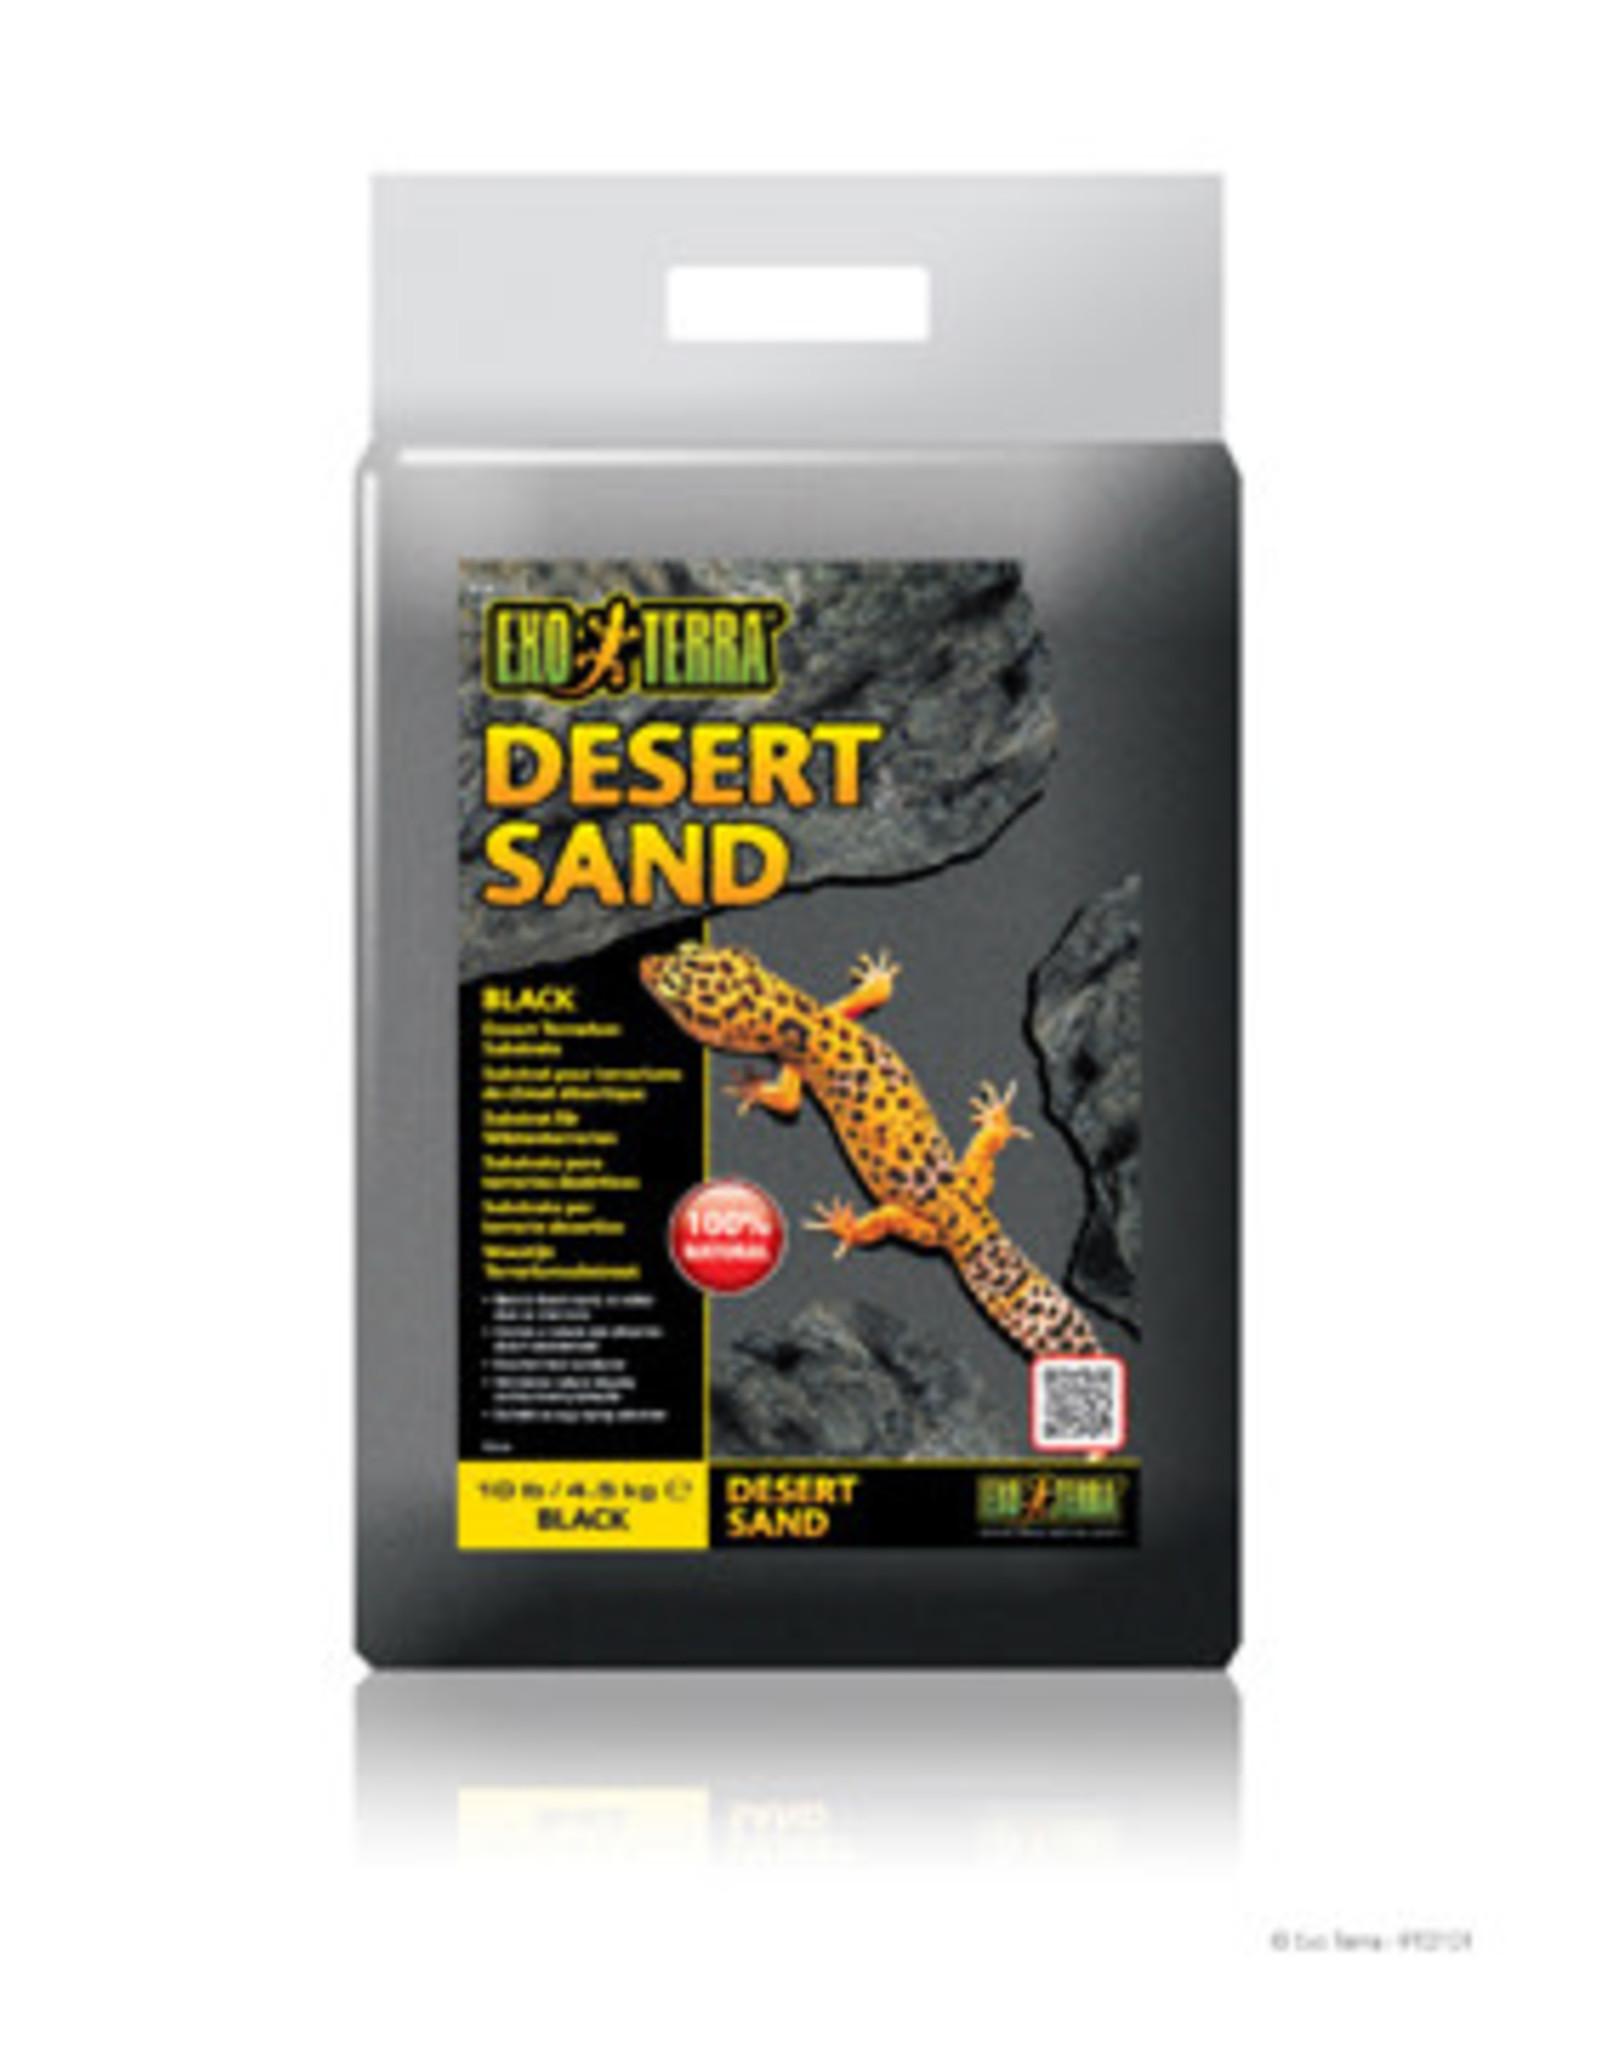 EXO-TERRA Exo Terra Desert Sand, Black, 10 lb